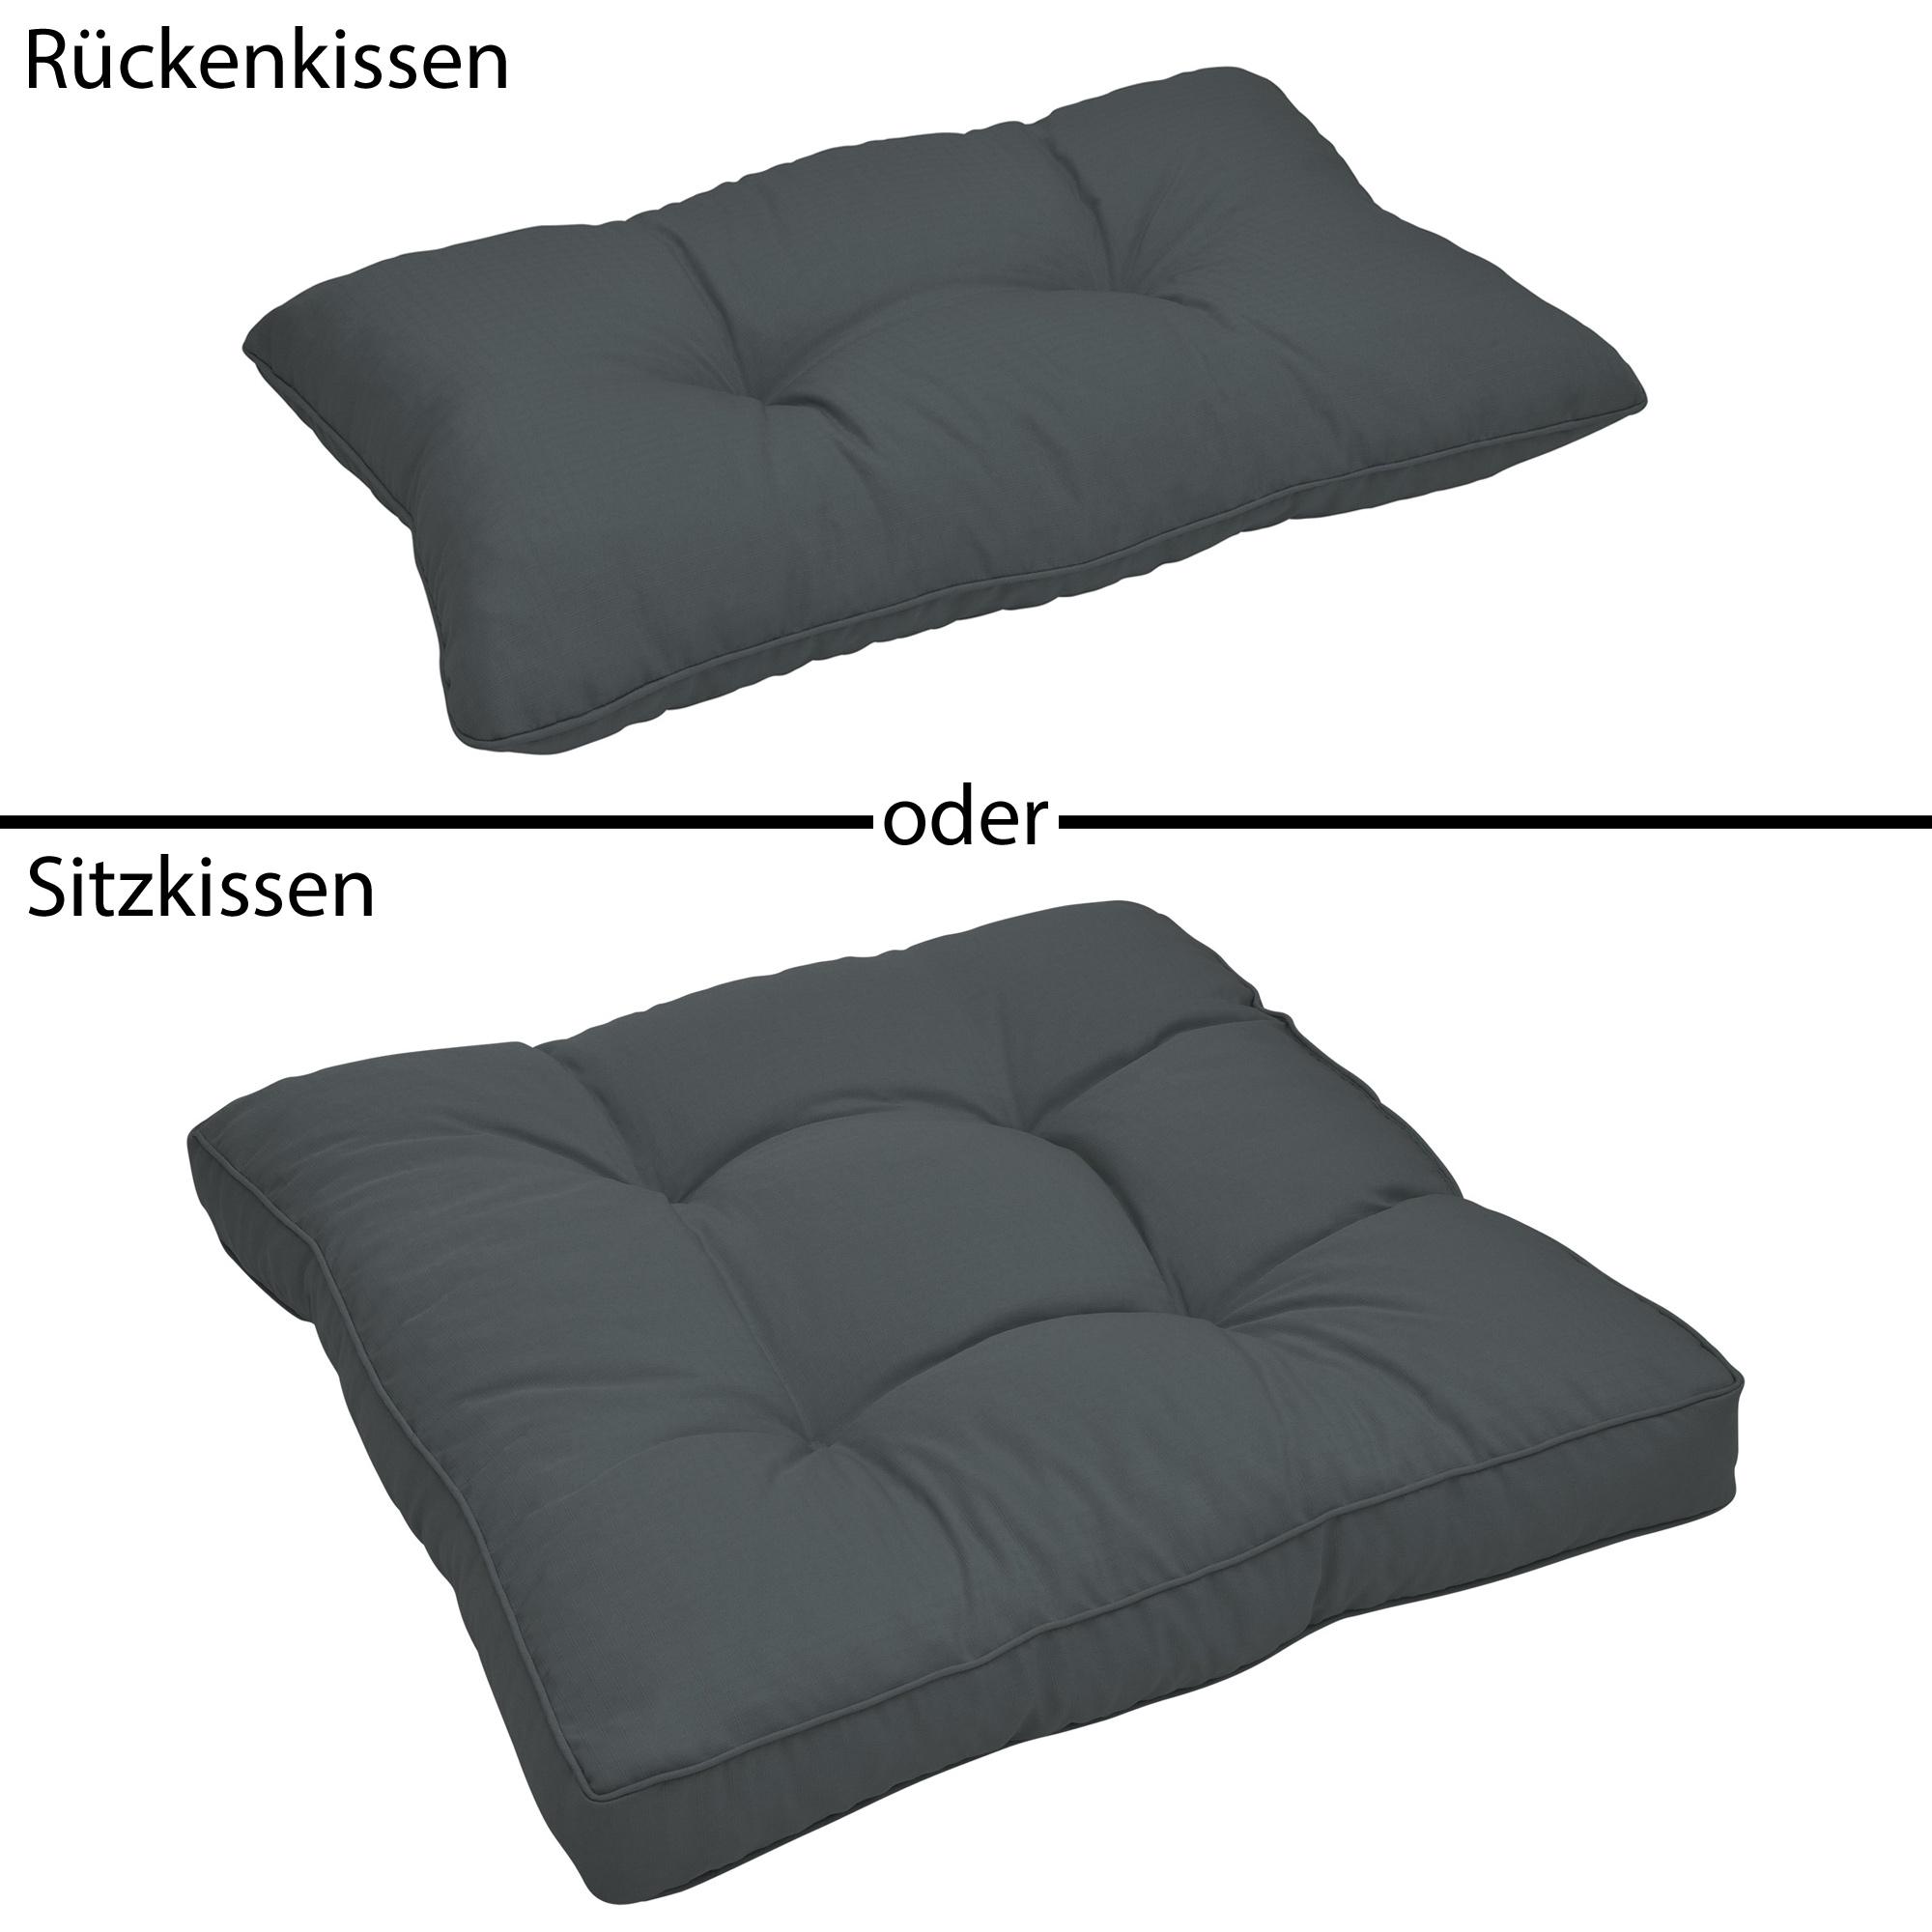 loungekissen polster auflage sitzkissen r ckenkissen bodenkissen lounge kissen ebay. Black Bedroom Furniture Sets. Home Design Ideas